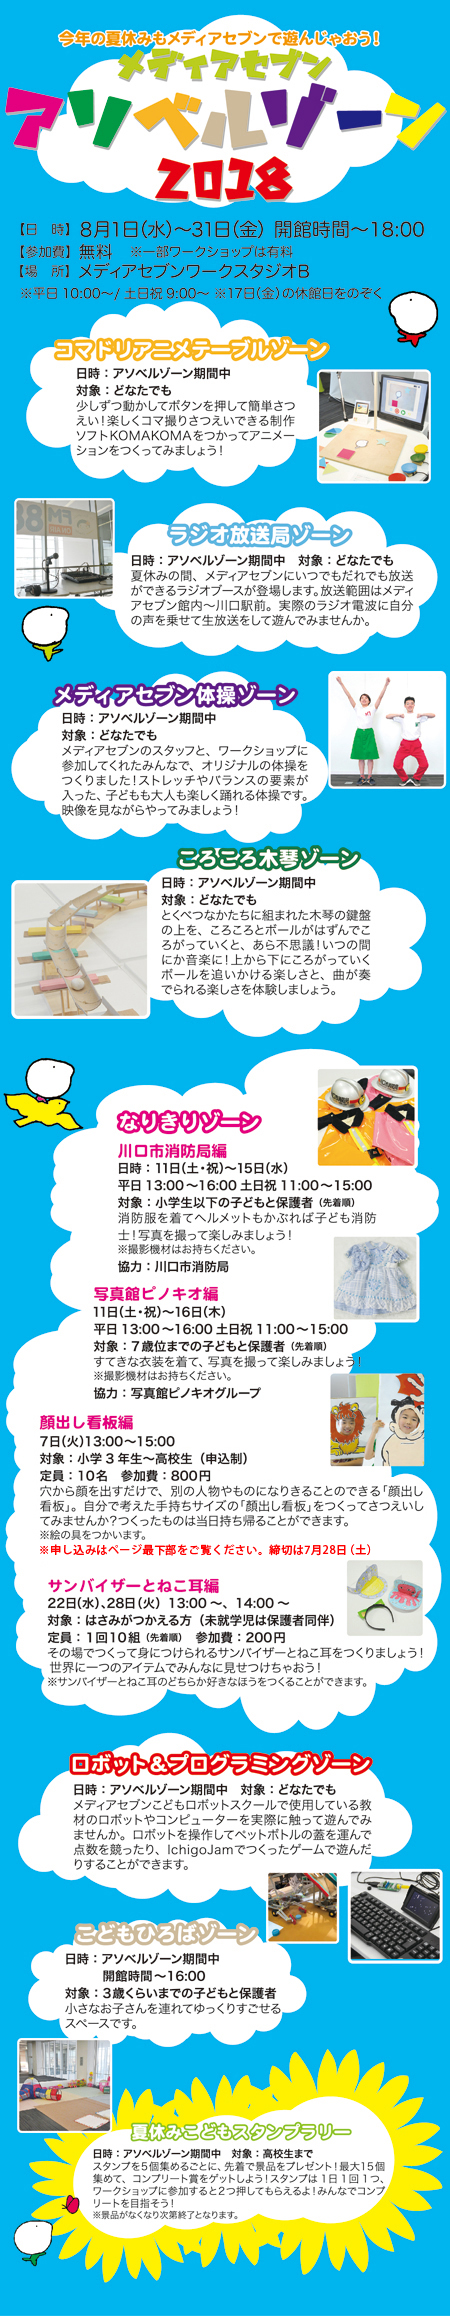 イベント詳細|川口市メディアセ...